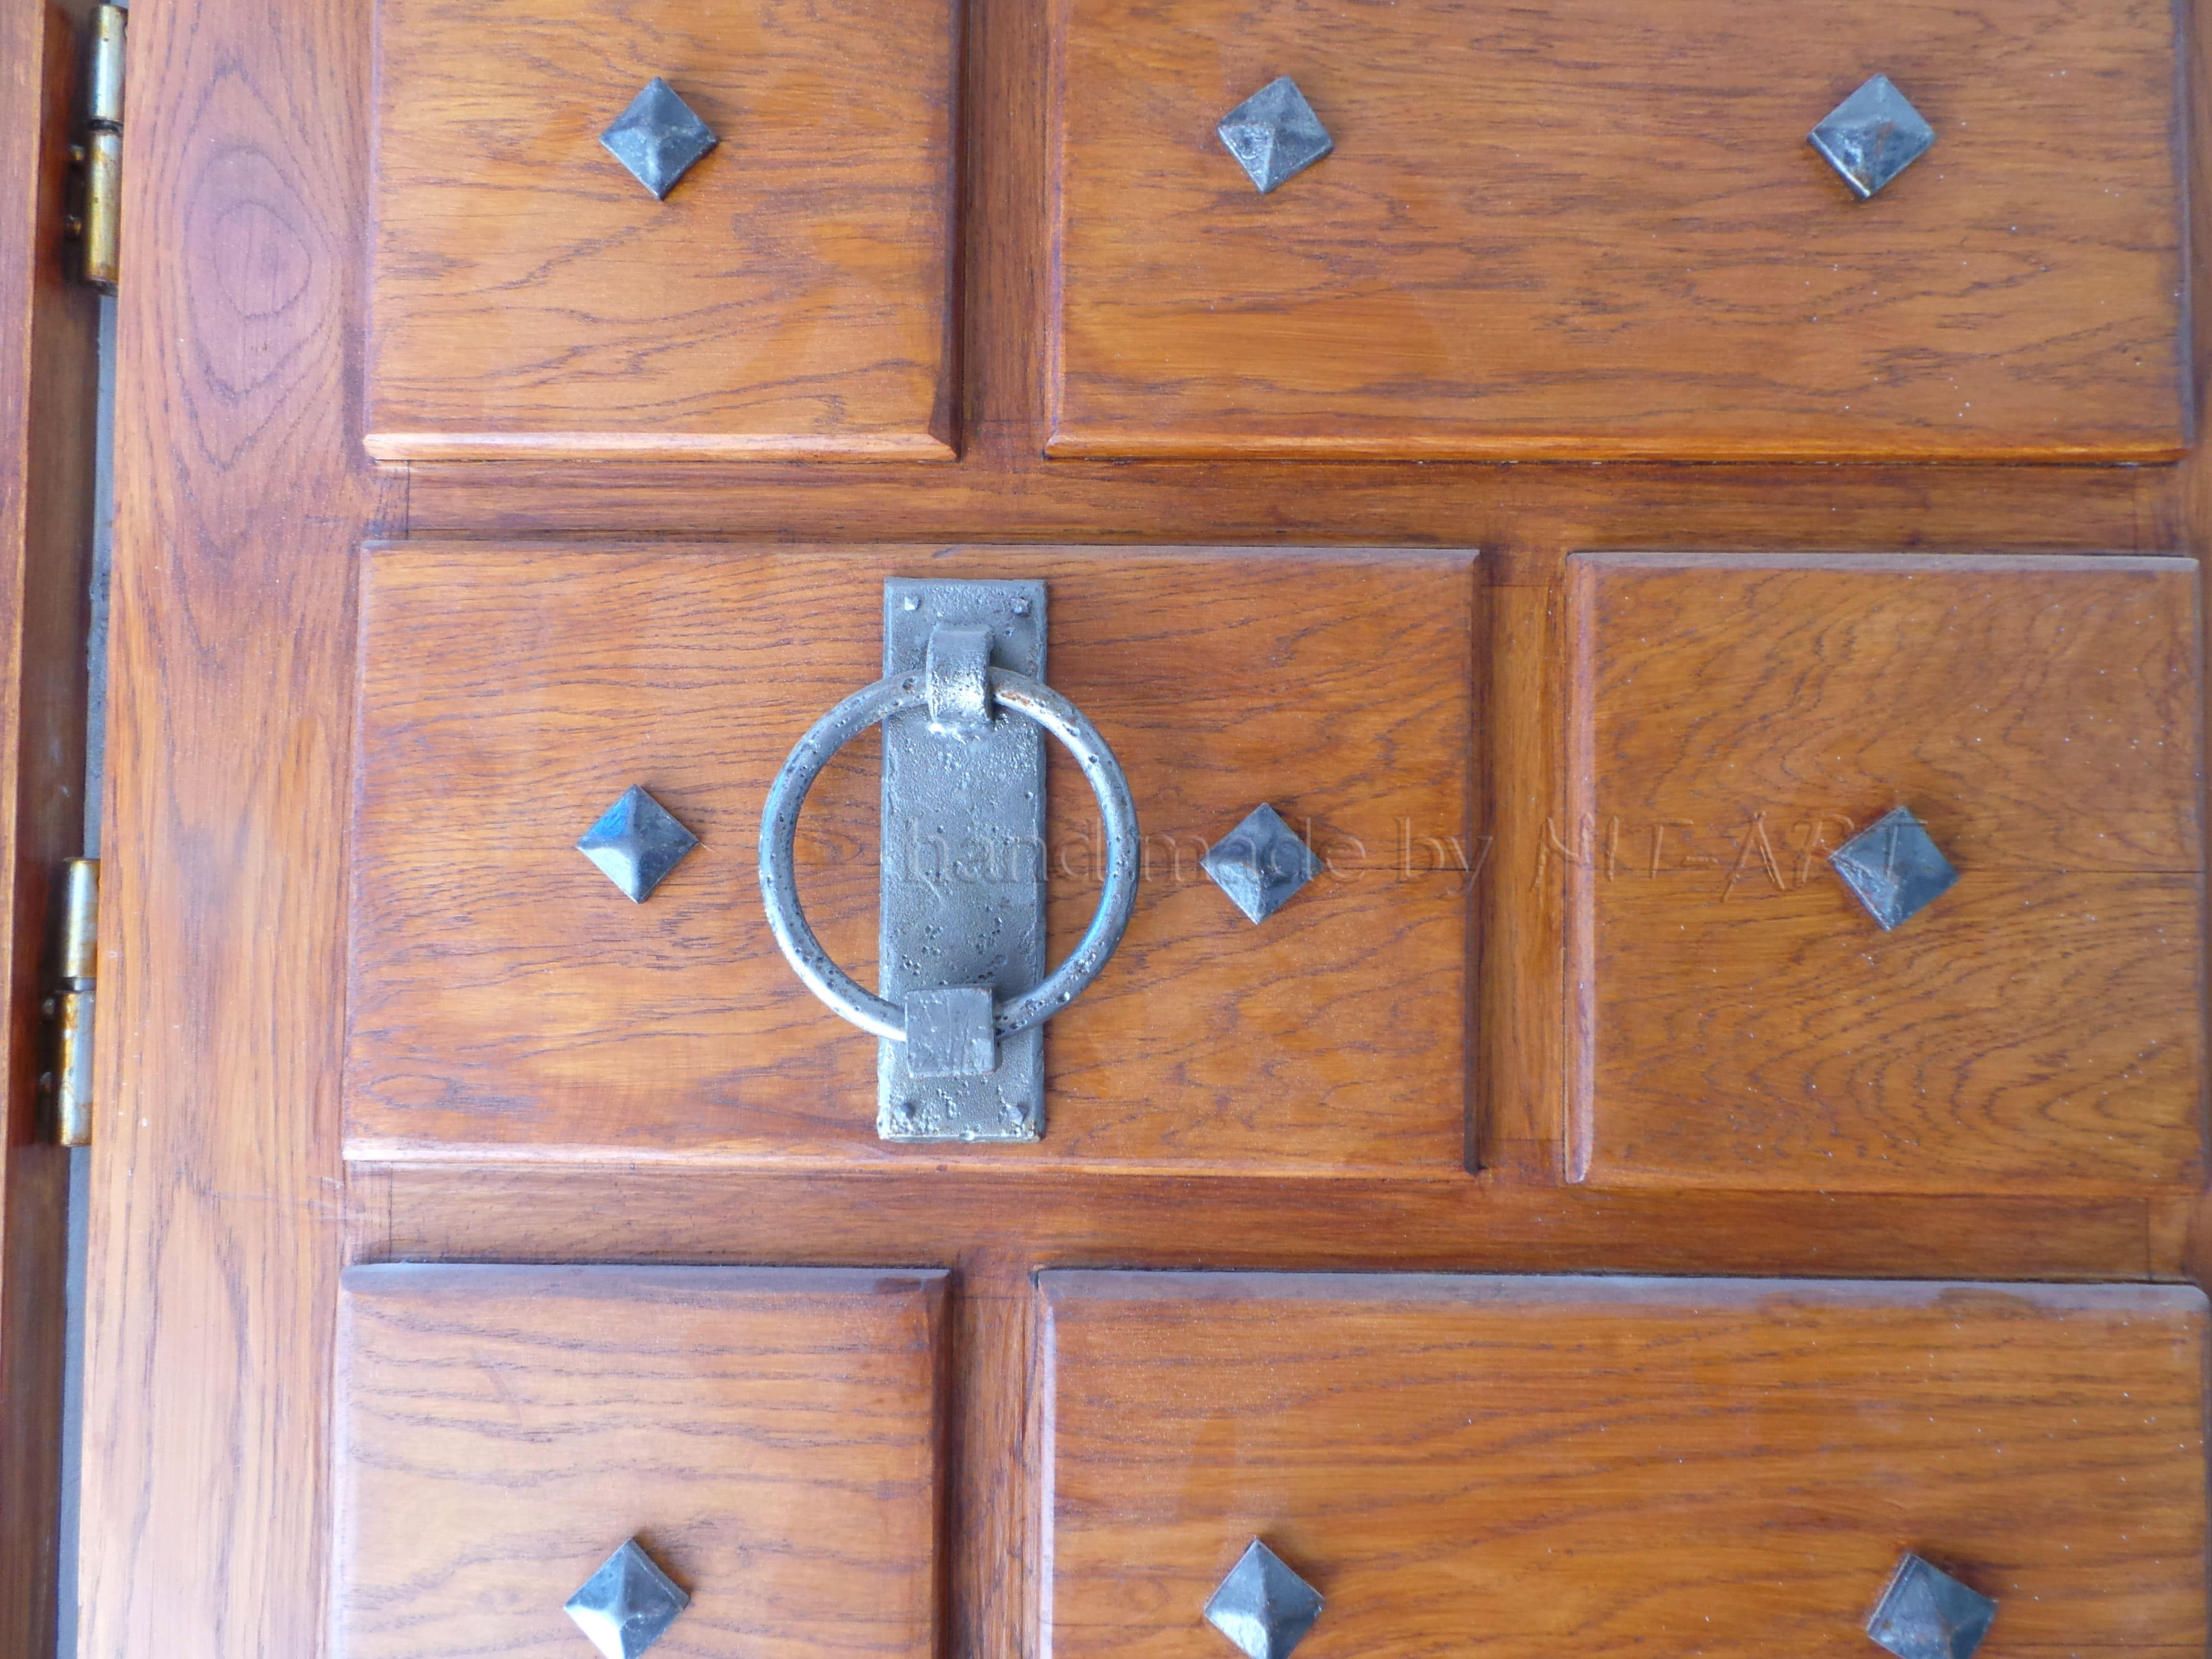 NIT-ART Okovi za vrata